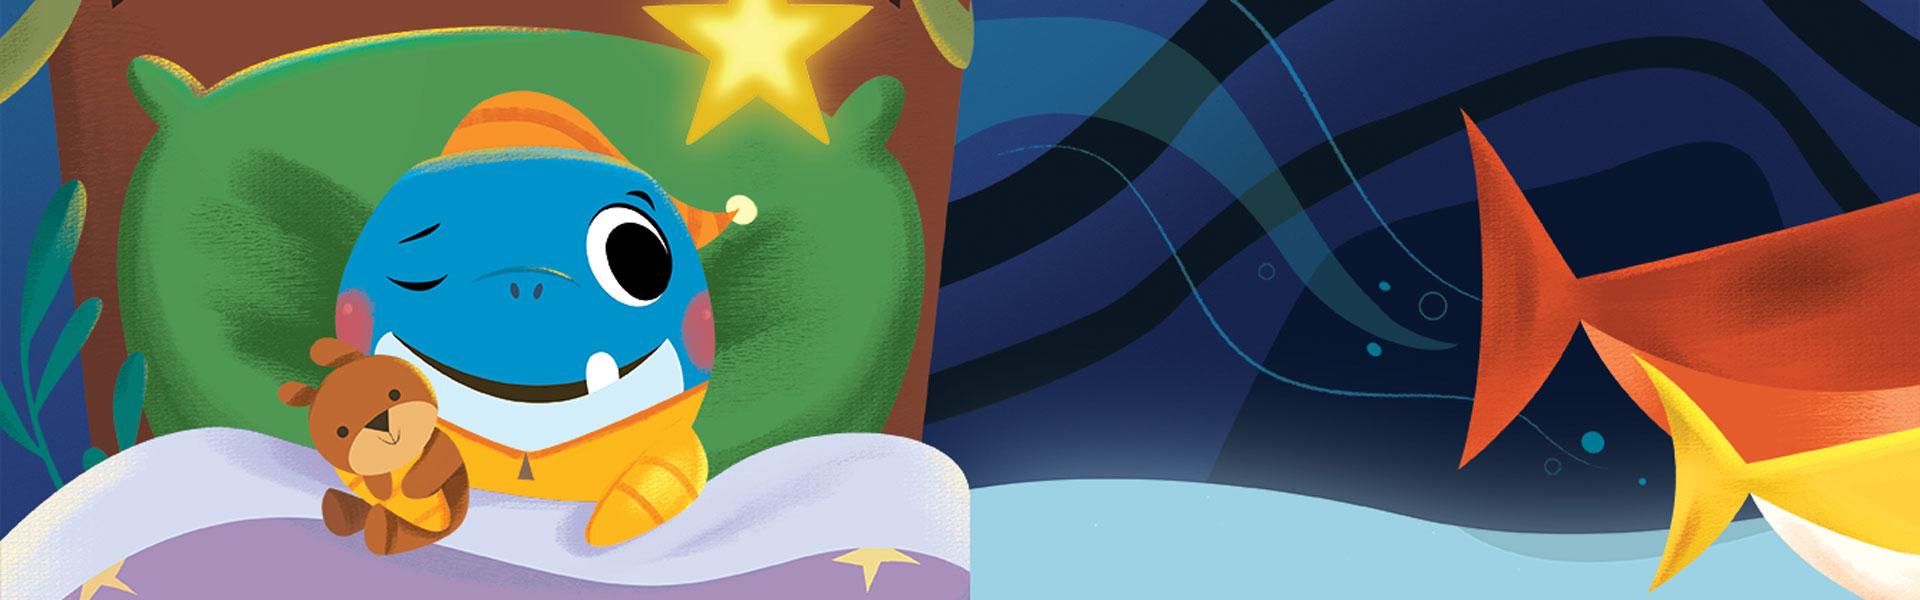 Slaap-lekker-baby-shark_John-Bajet